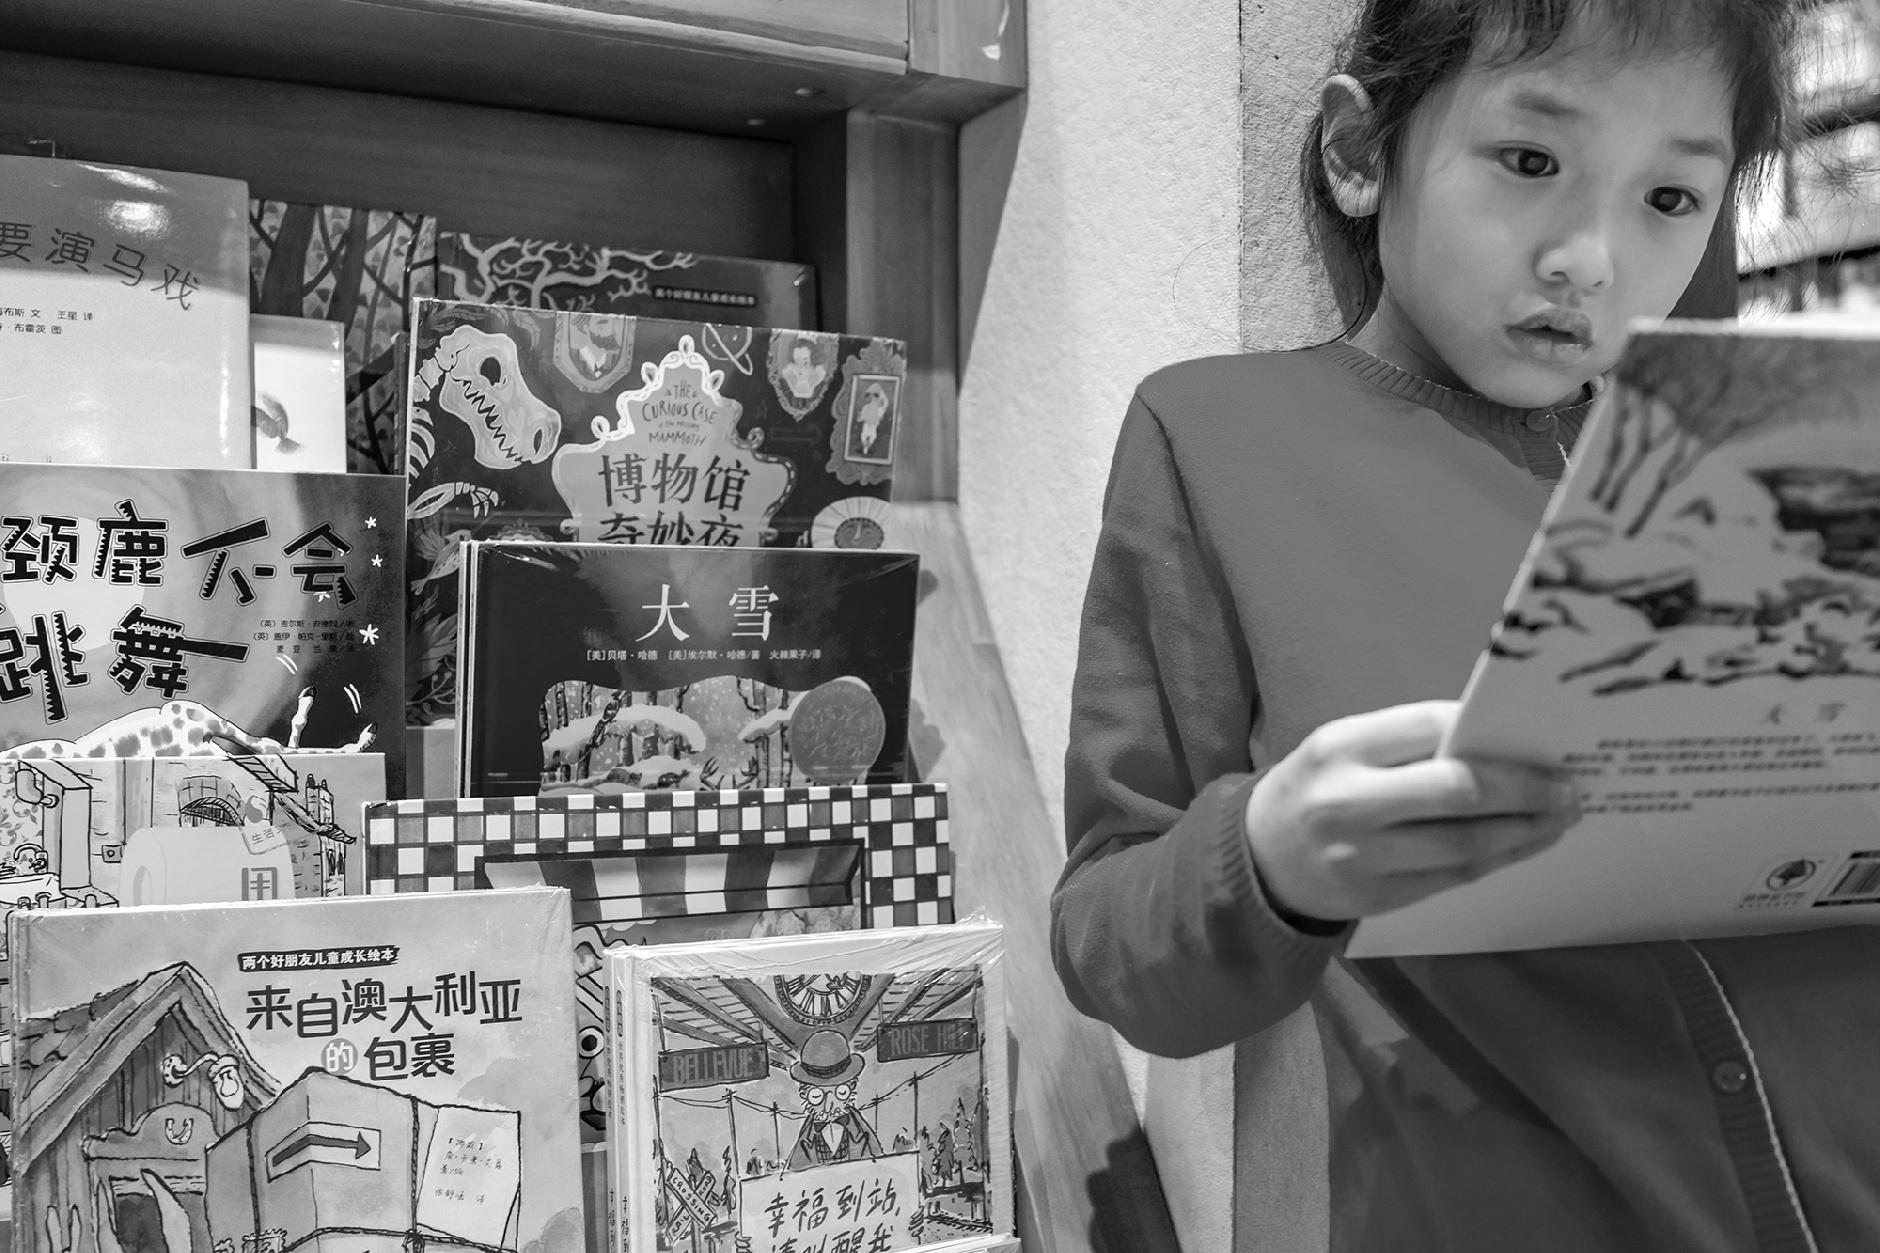 阿番作品:在书店里看书的孩子